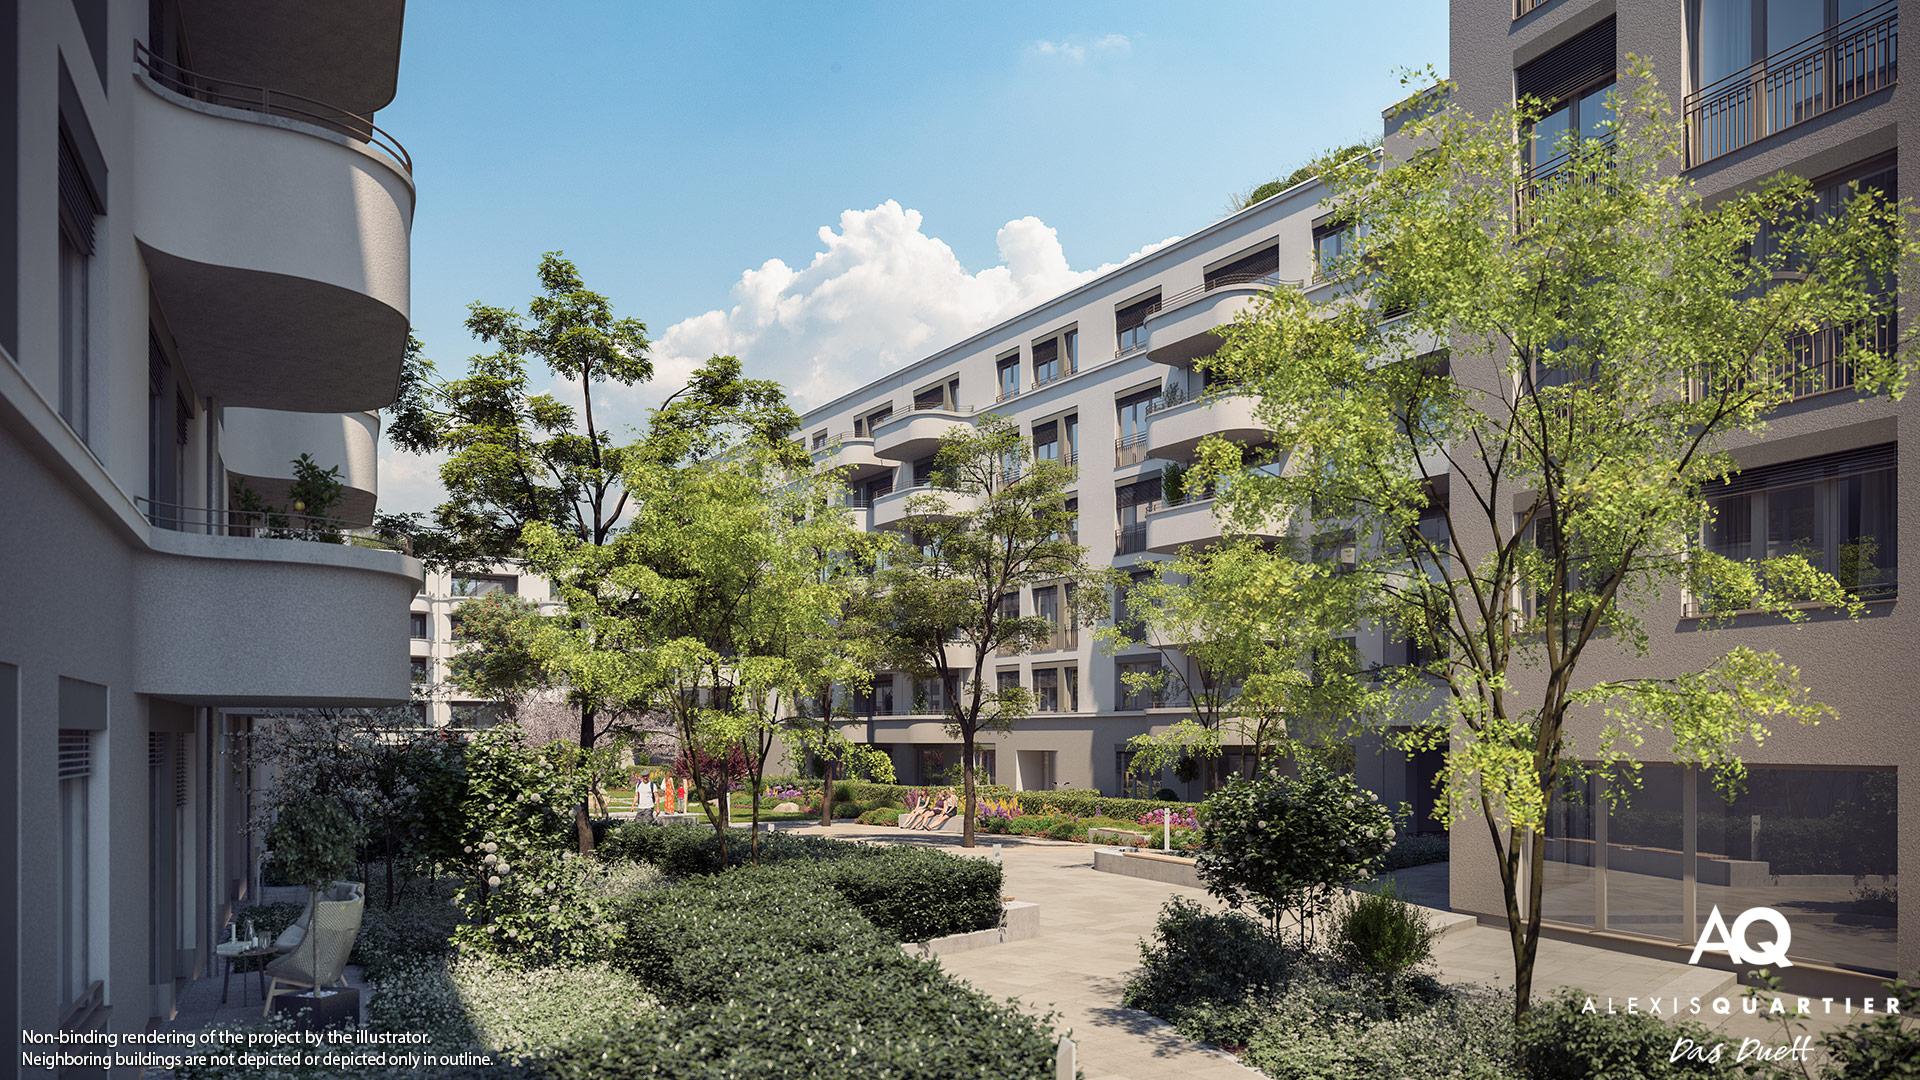 Condominiums Alexisquartier - Das Duett - Illustration 6